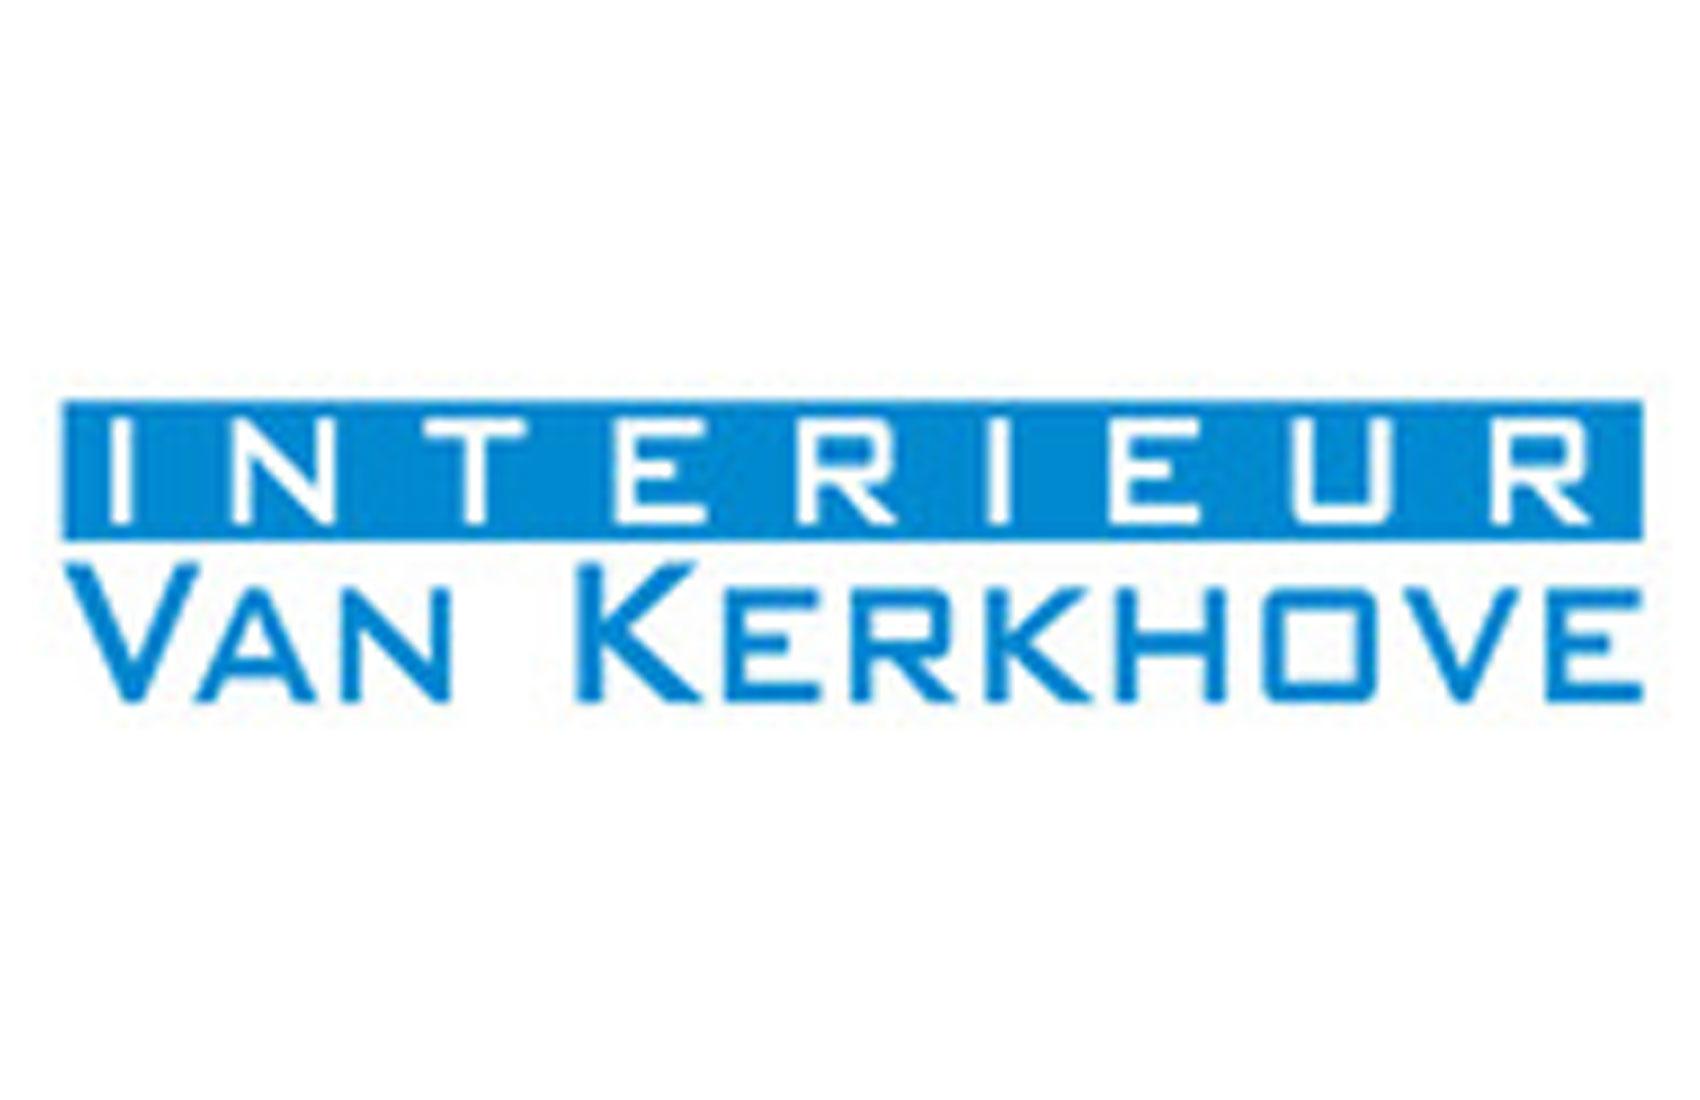 Interieur Van Kerkhove - Driespoort Shopping